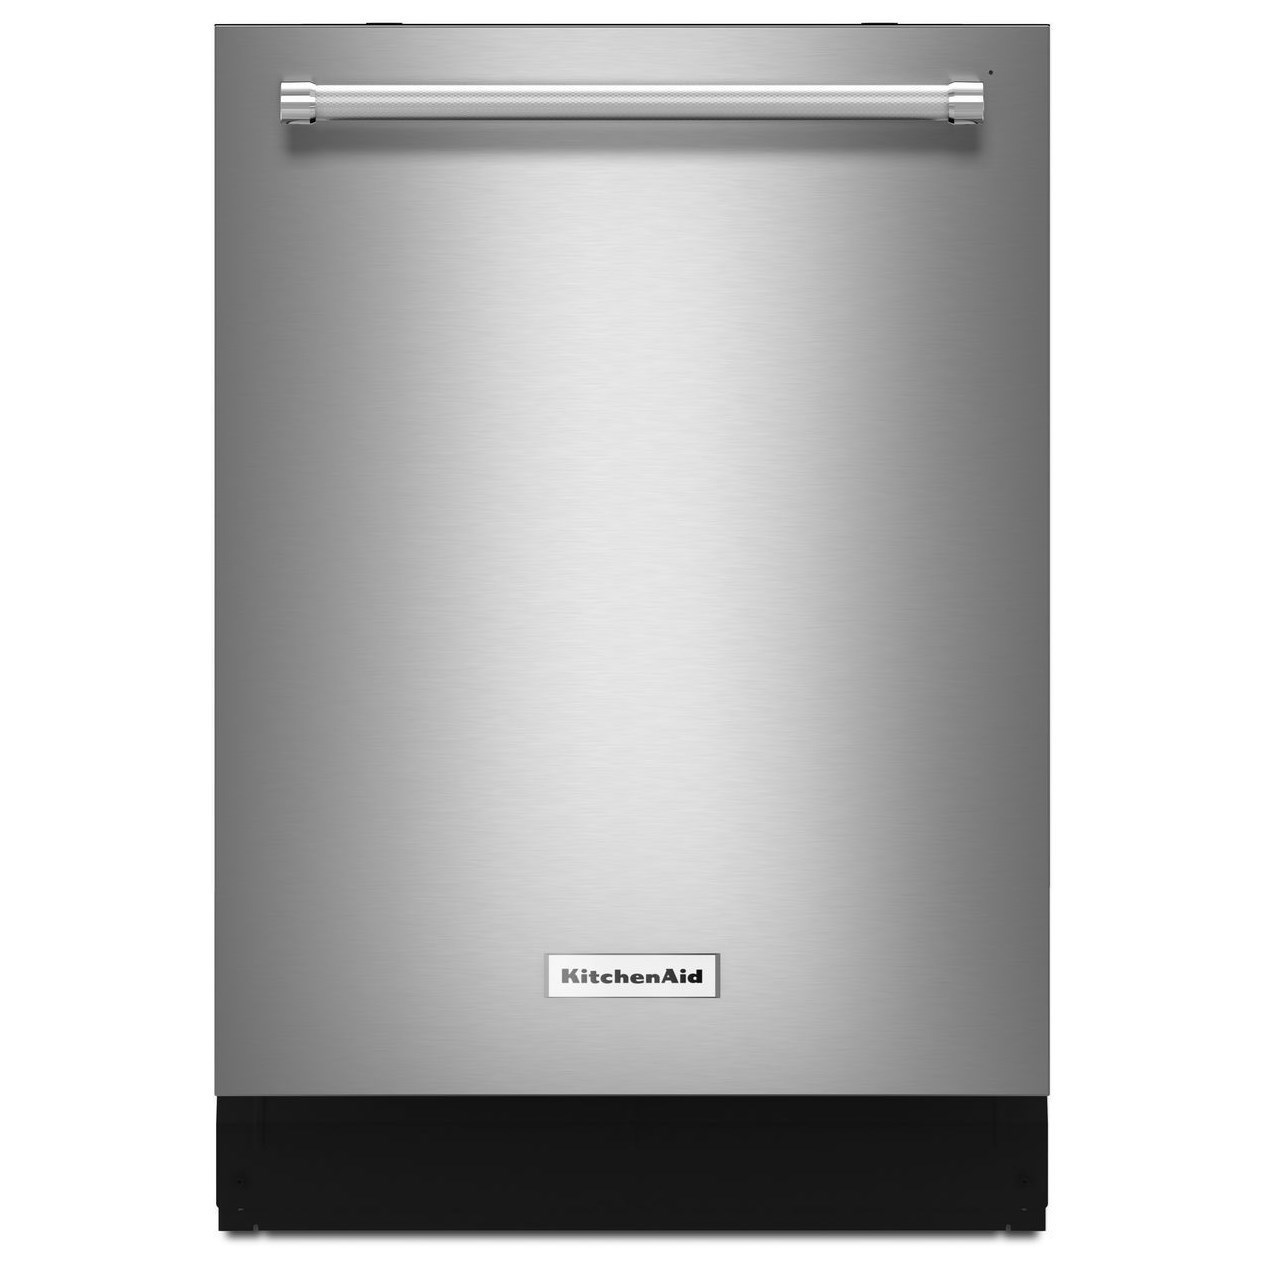 KitchenAid KitchenAid Dishwashers46 DBA Dishwasher ...